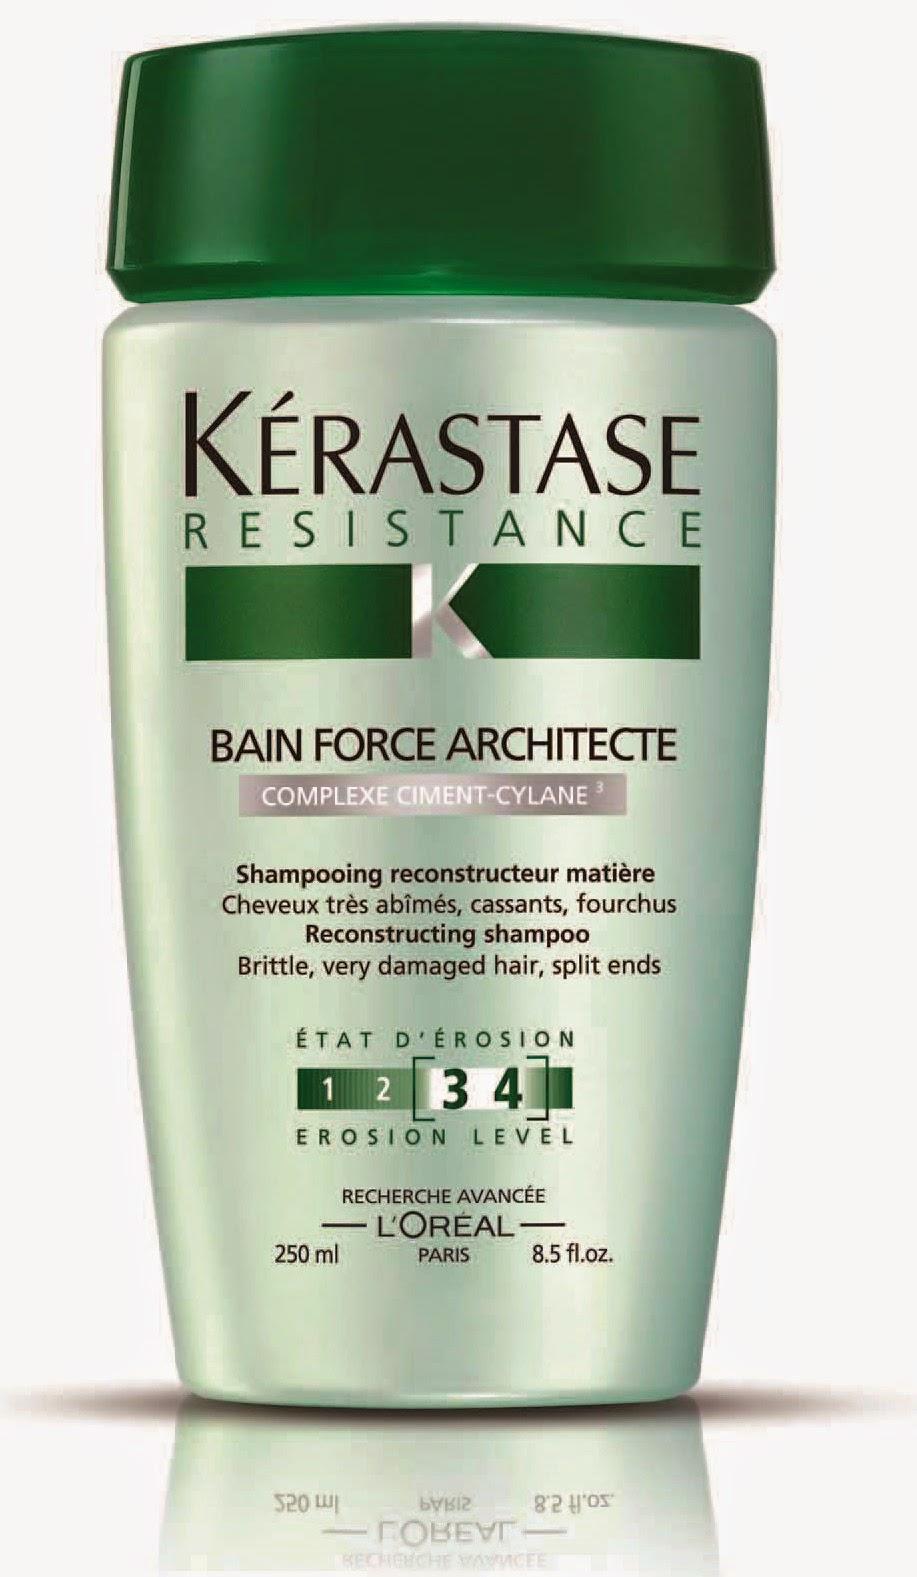 Bain Force Architecte Kérastase